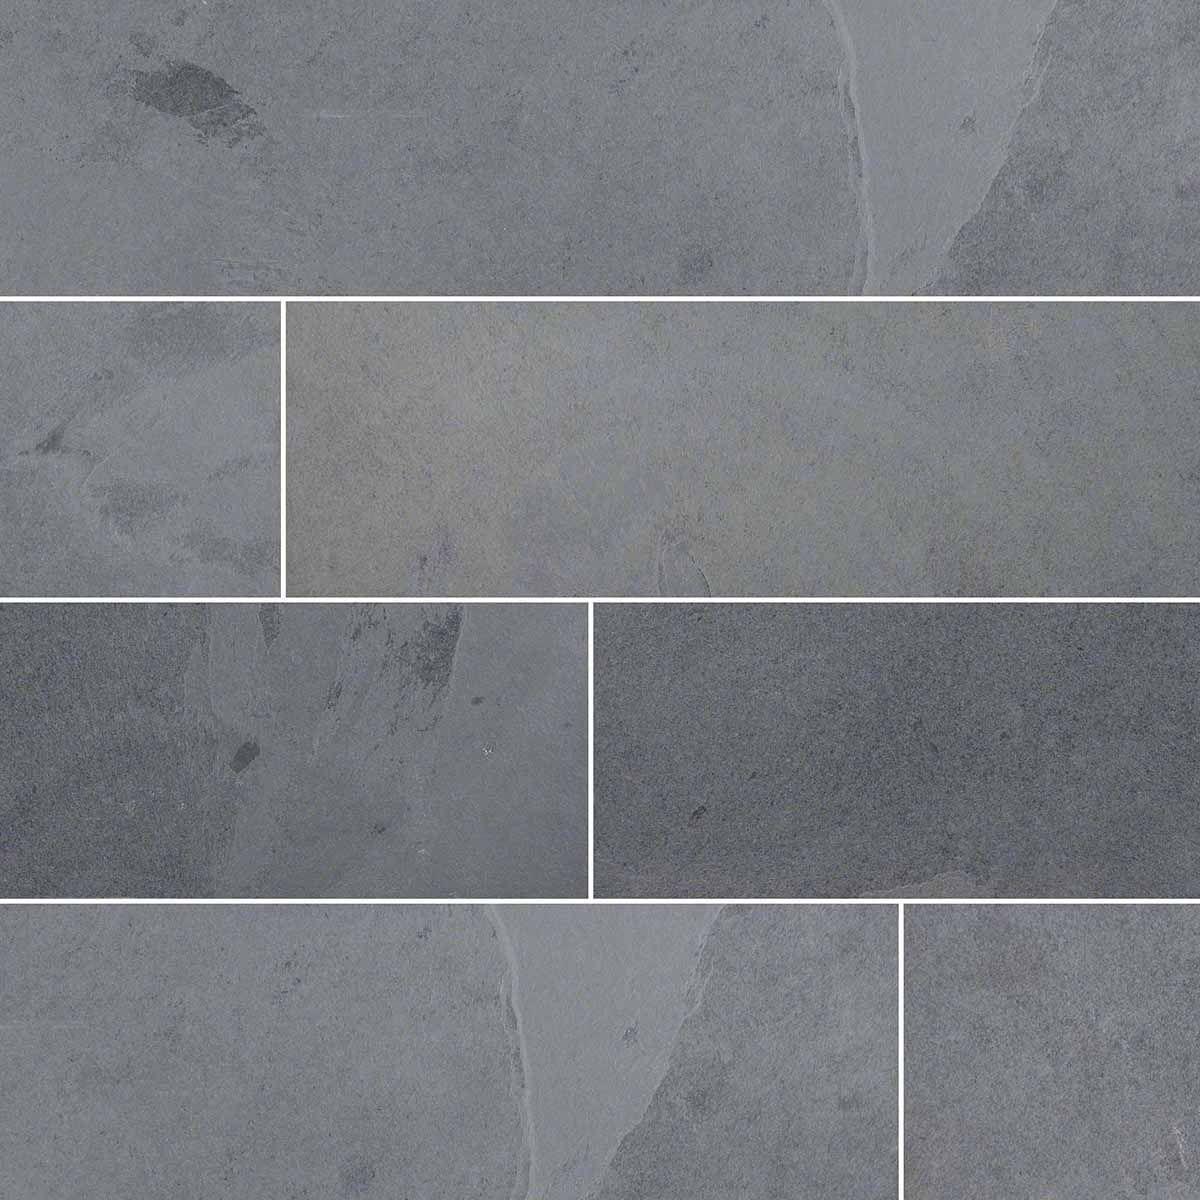 slate floor texture. Montauk Black Slate - Comes In Gauged Floor Texture W